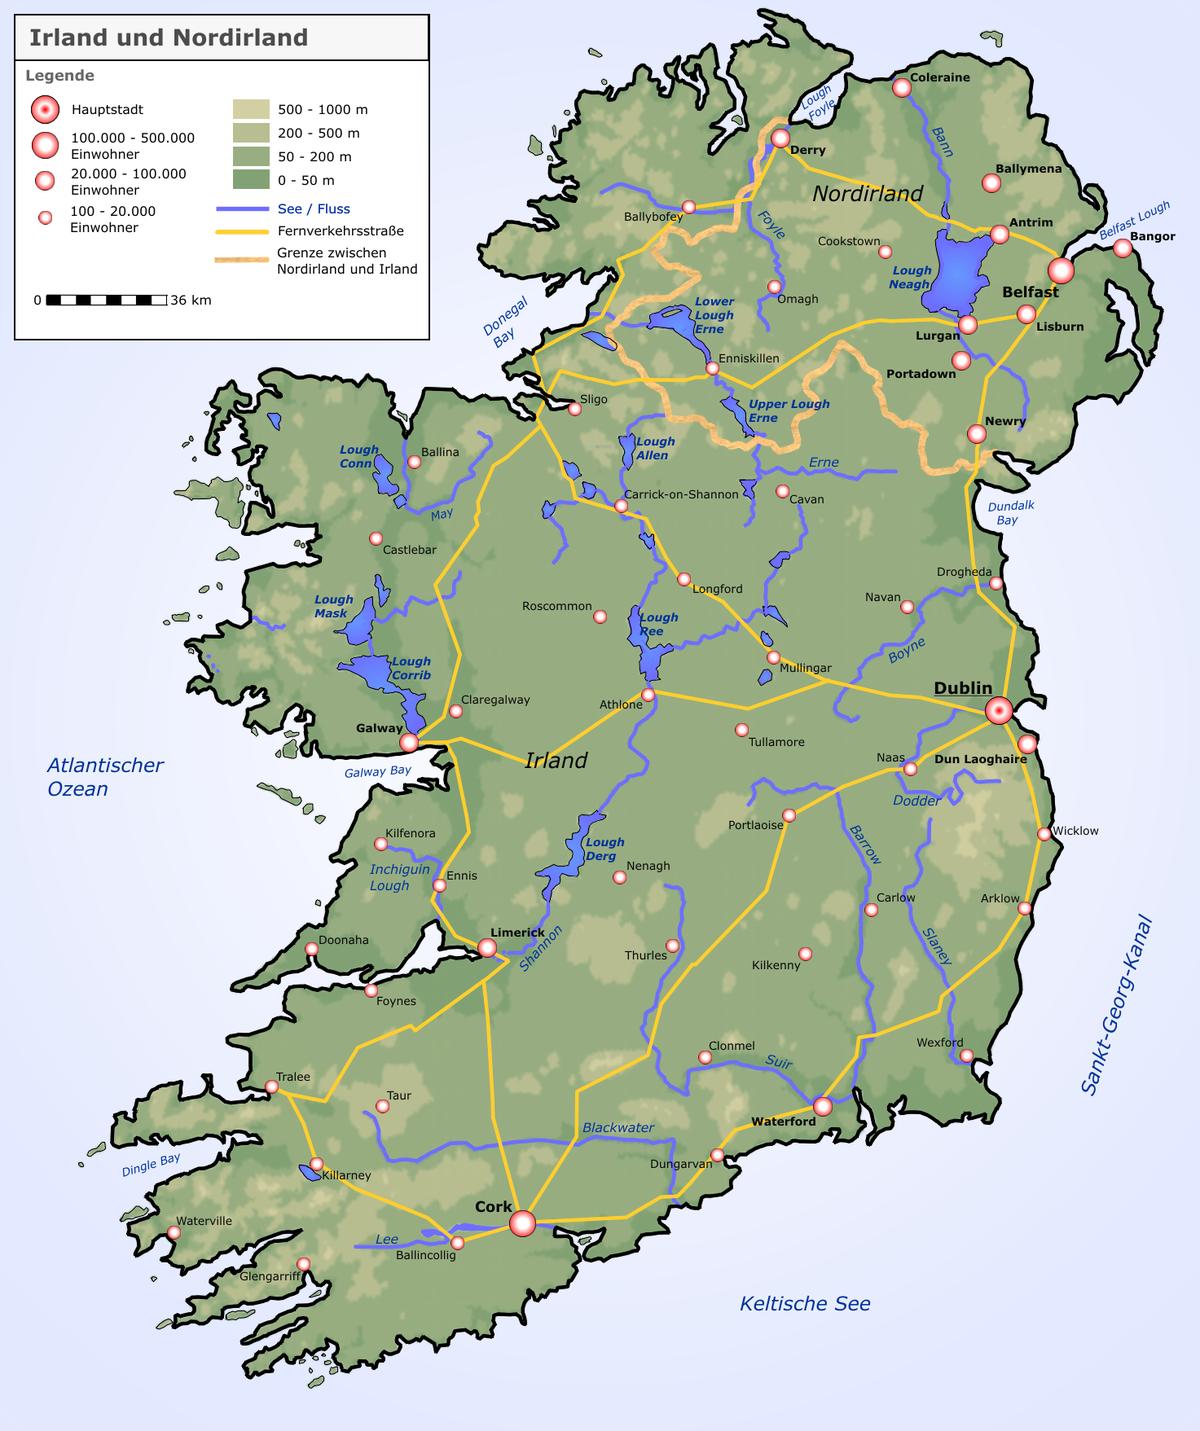 irland auf der karte Datei:Irland karte.png – Wikipedia